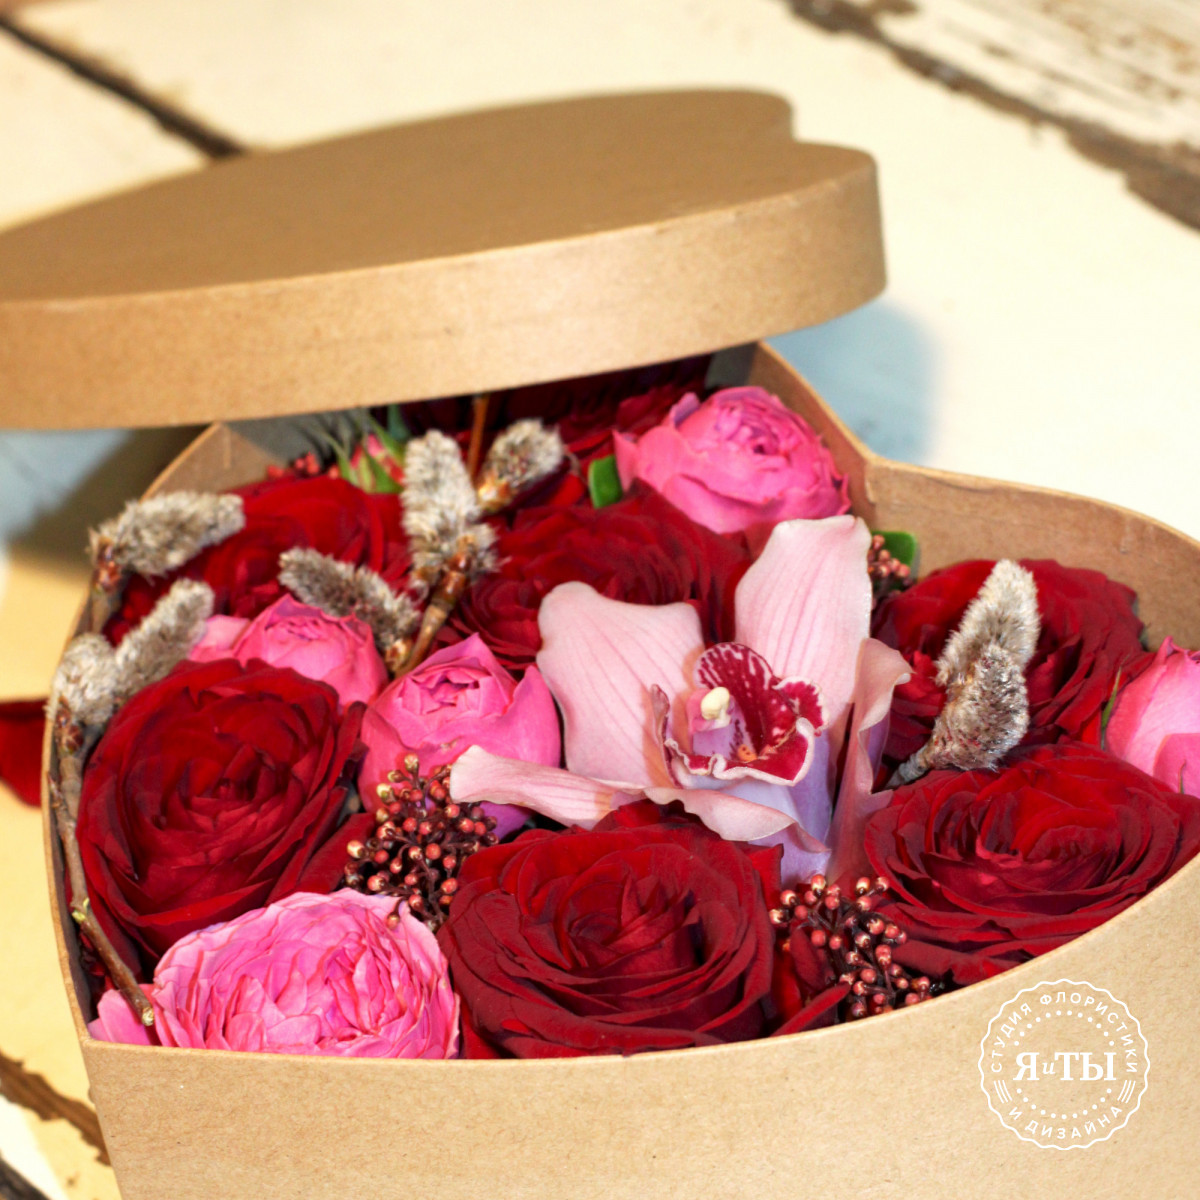 Цветы в коробке - сердце